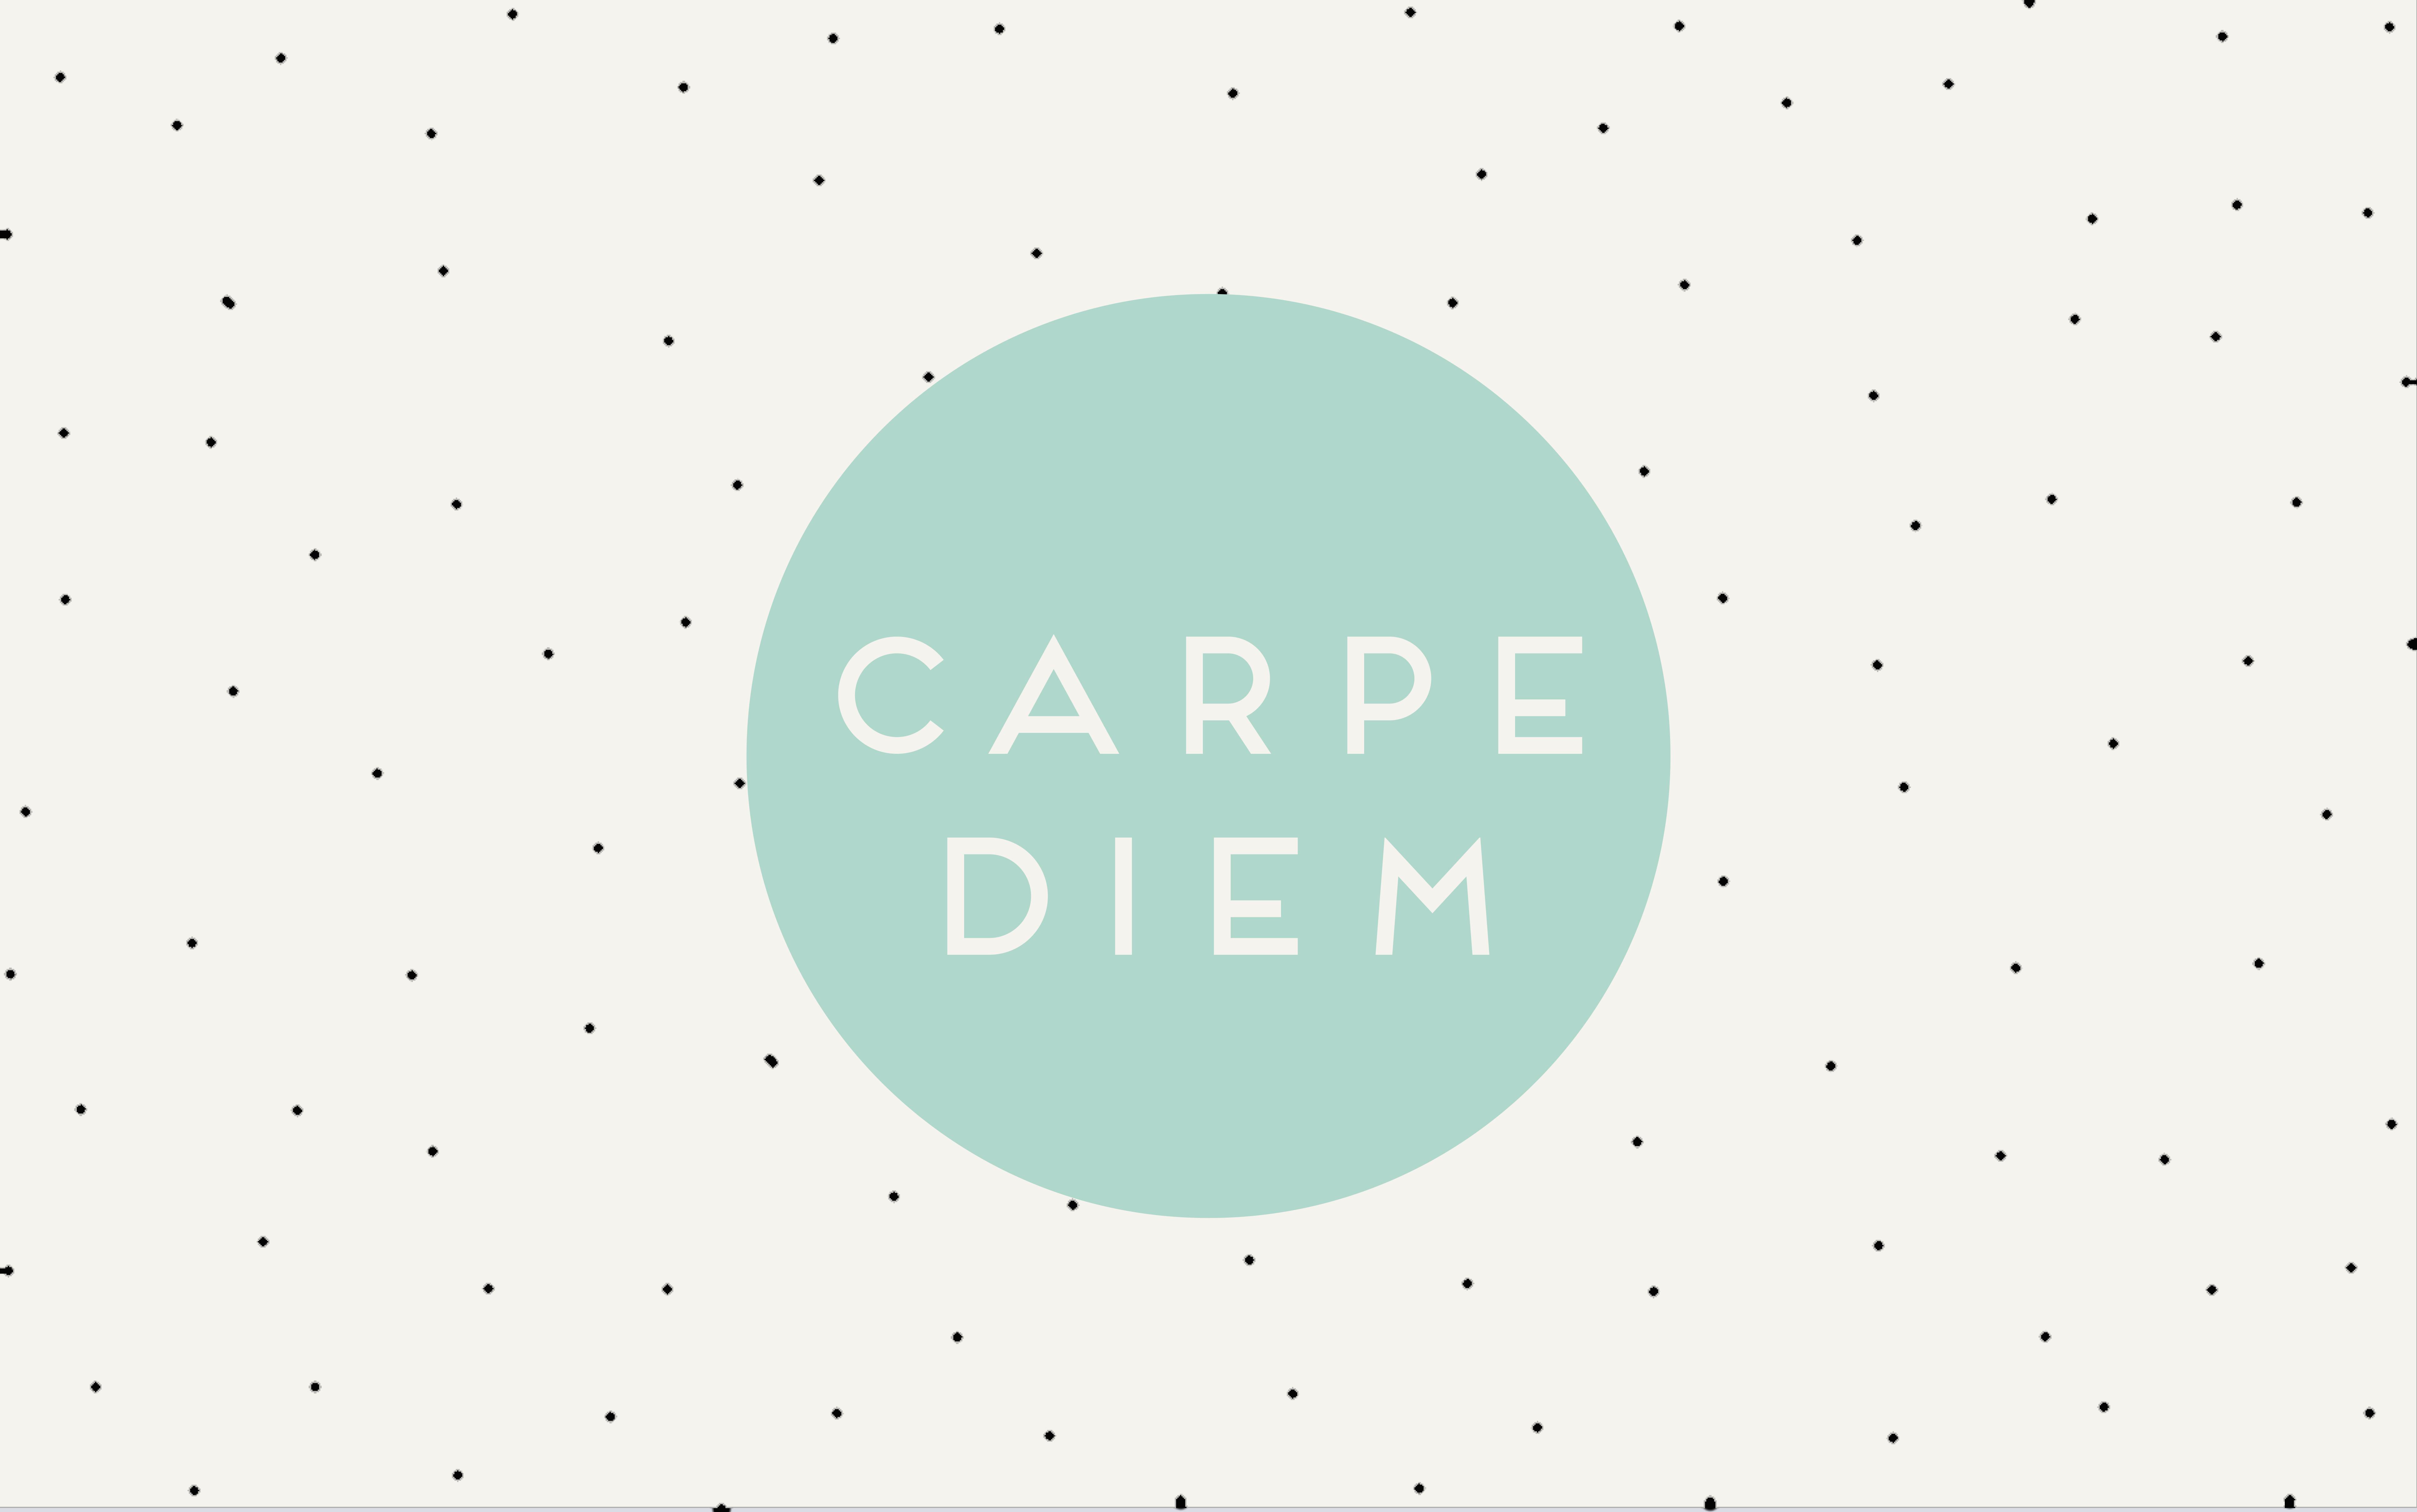 Carpe Diem Free Desktop Background By Me Carpe Diem Digital Wallpaper Cubicle Makeover